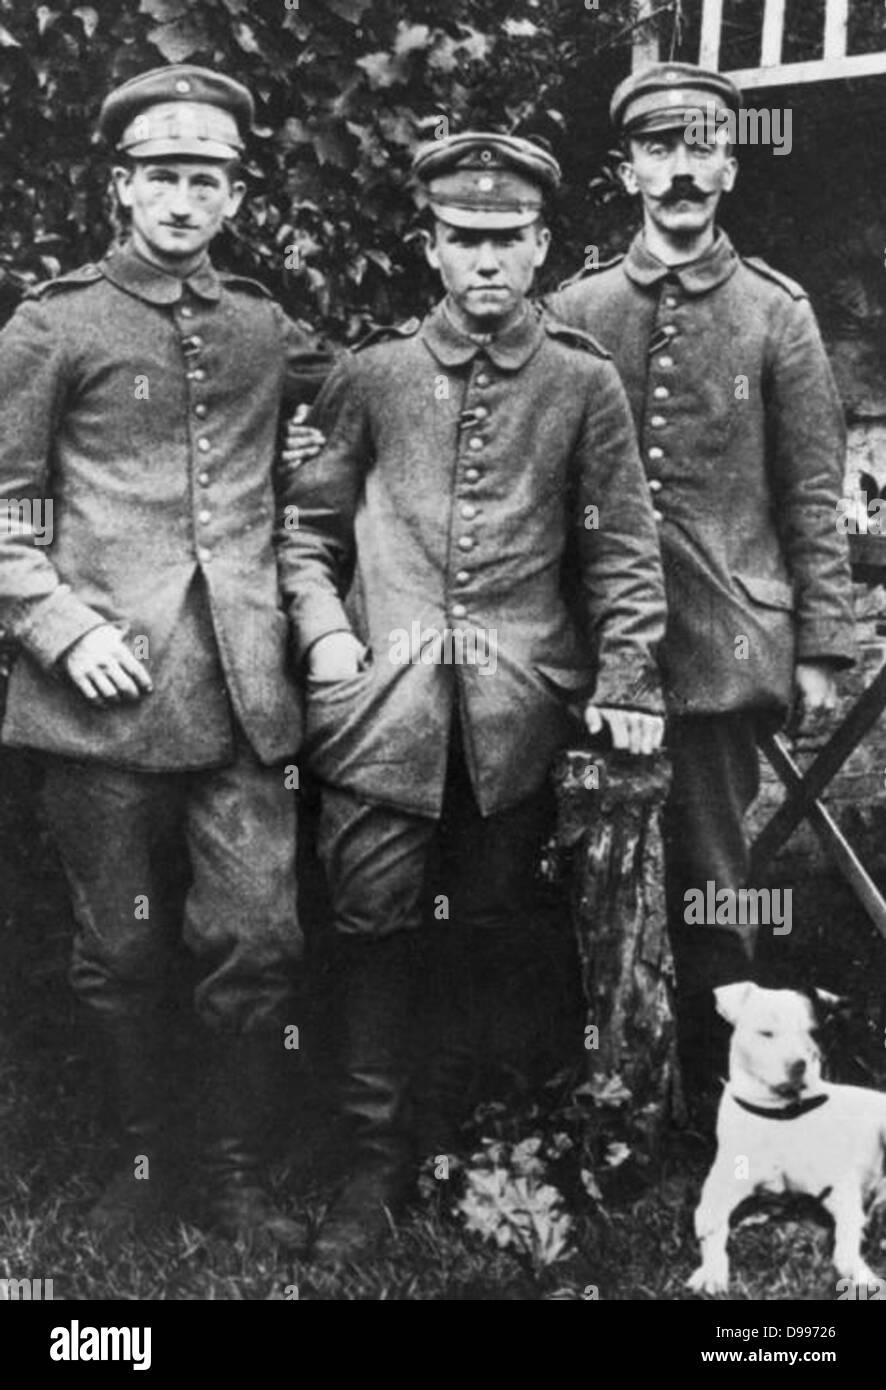 Adolf Hitler comme un soldat allemand avec des camarades au cours de la Seconde Guerre mondiale I. Hitler est à Photo Stock